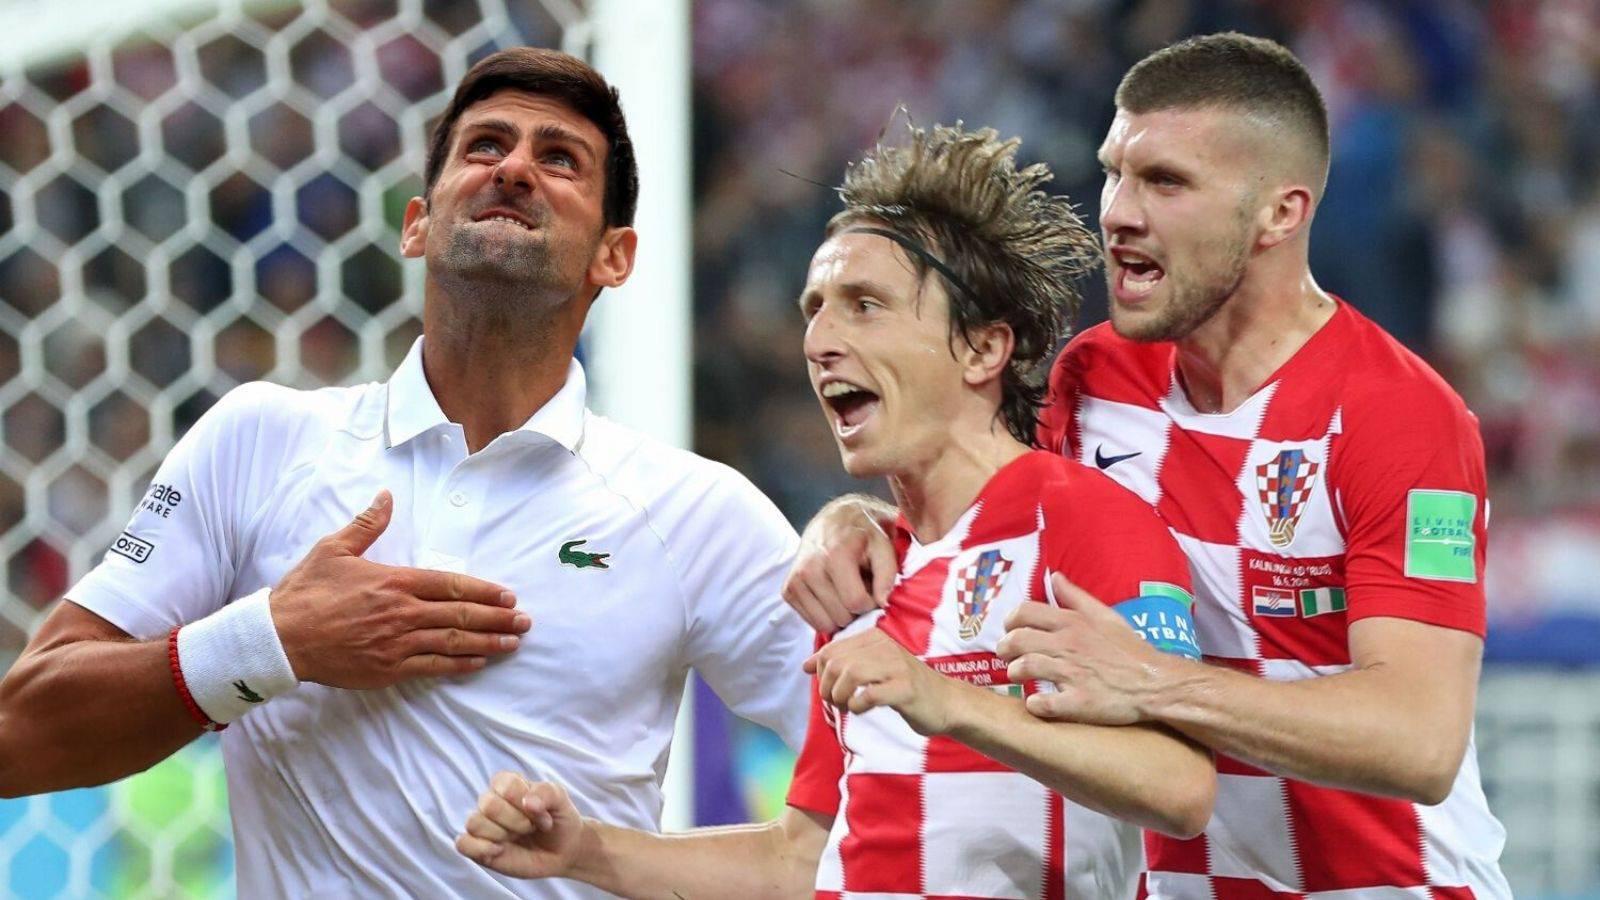 'Osuđivali su me jer navijam za Hrvatsku. Ma neka im smeta...'